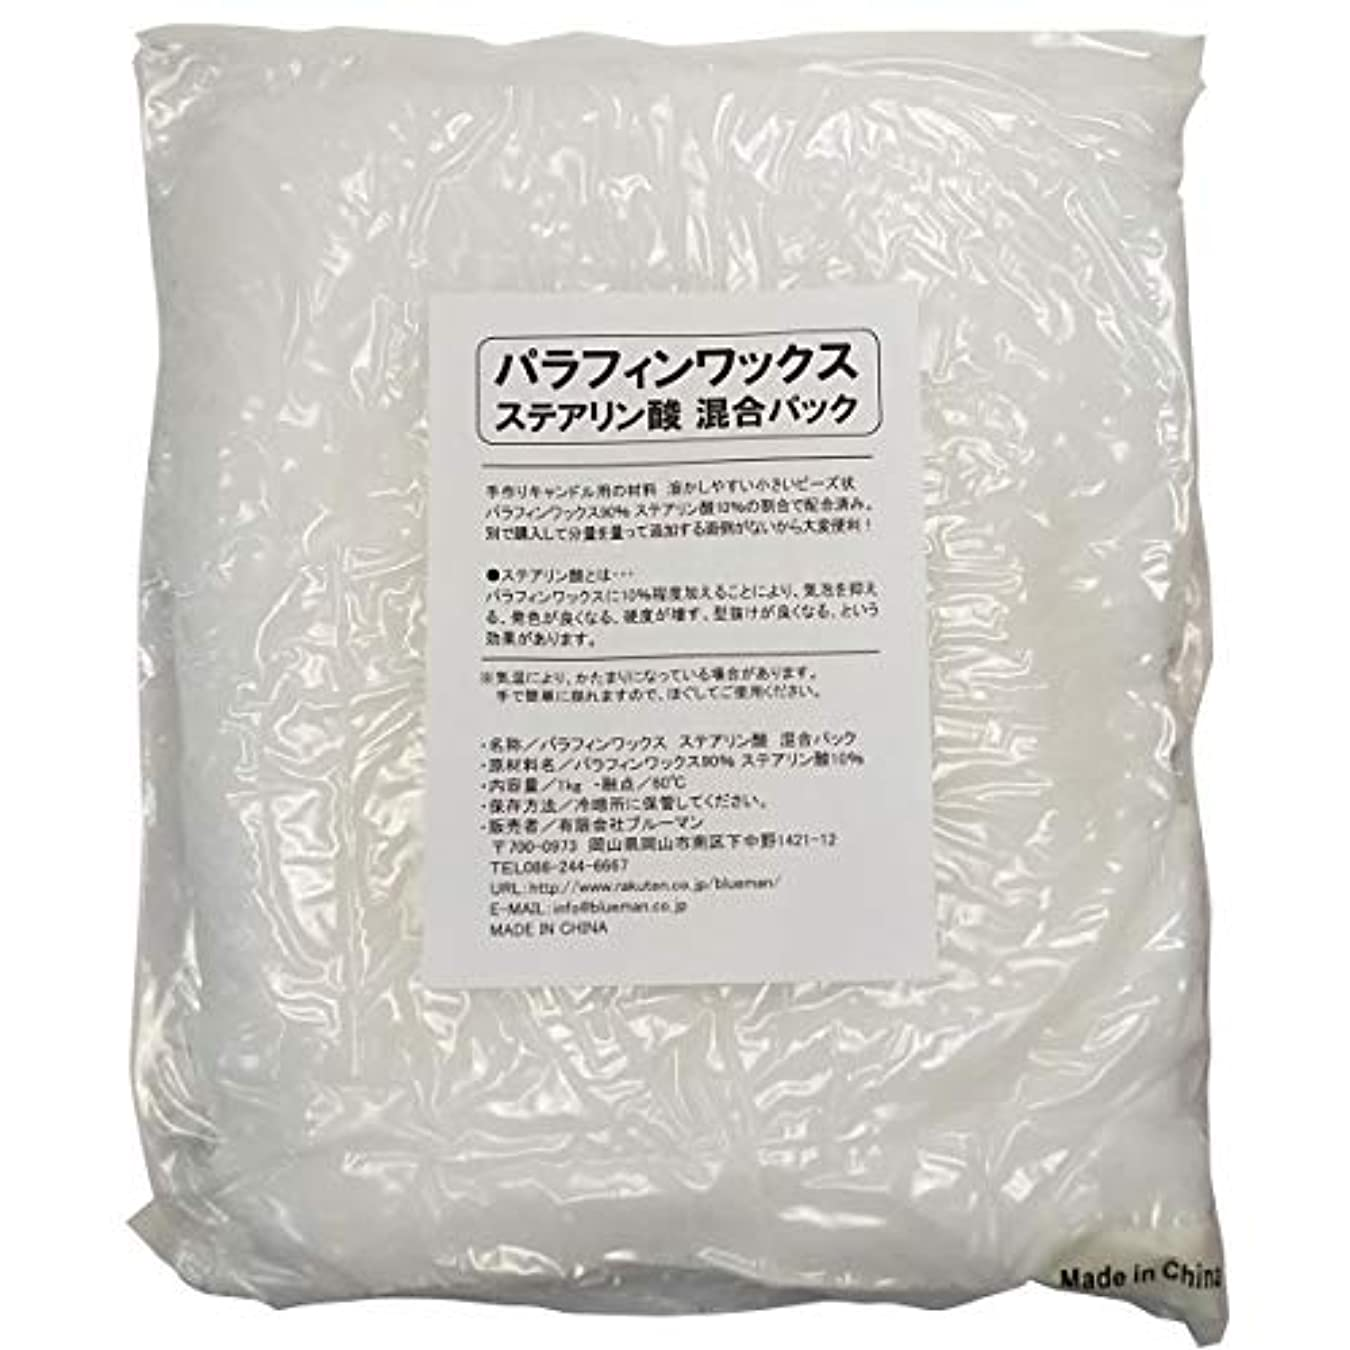 溶けたエンドウリボンパラフィンワックス ステアリン酸 混合パック 1kg 手作りキャンドル 材料 1キロ アロマワックスサシェ